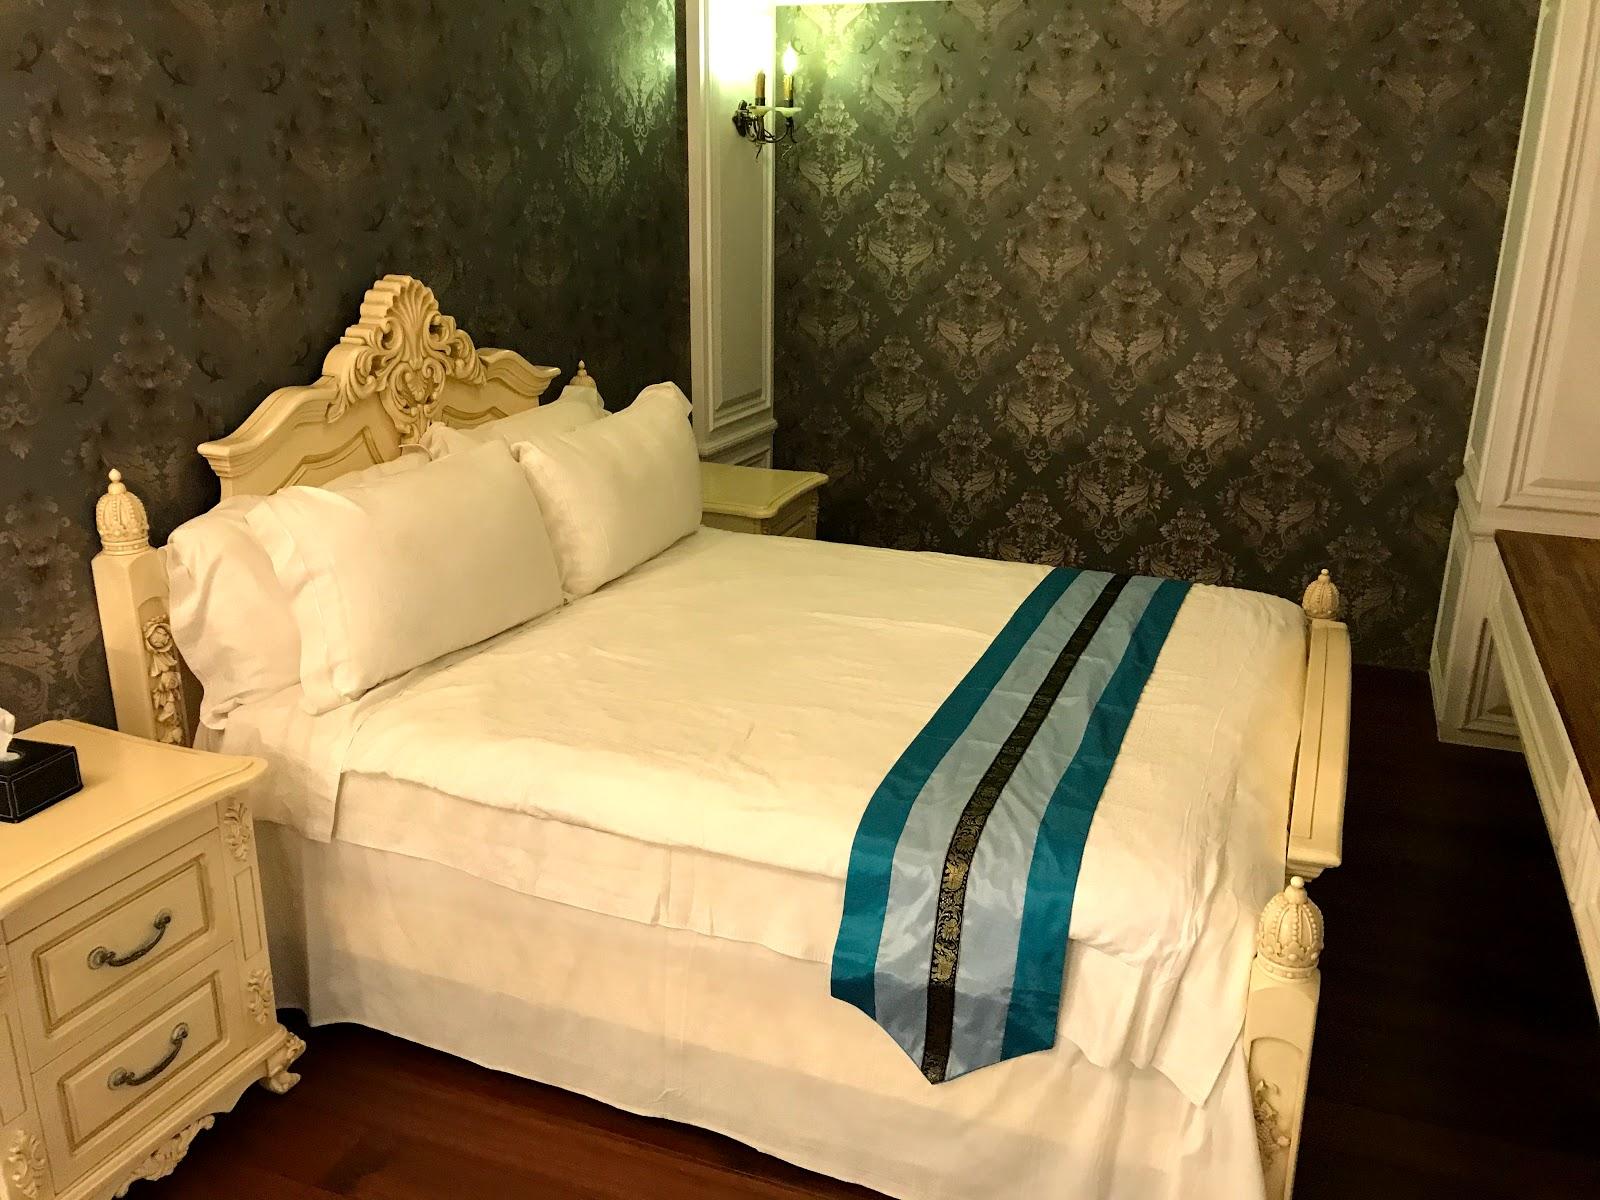 【宜蘭|冬山】芯園 - 我的夢中城堡|宜蘭民宿推薦|歐式城堡|宮廷式金箔蛋型床|寵物友善|親子友善|泡茶燒烤樣樣行